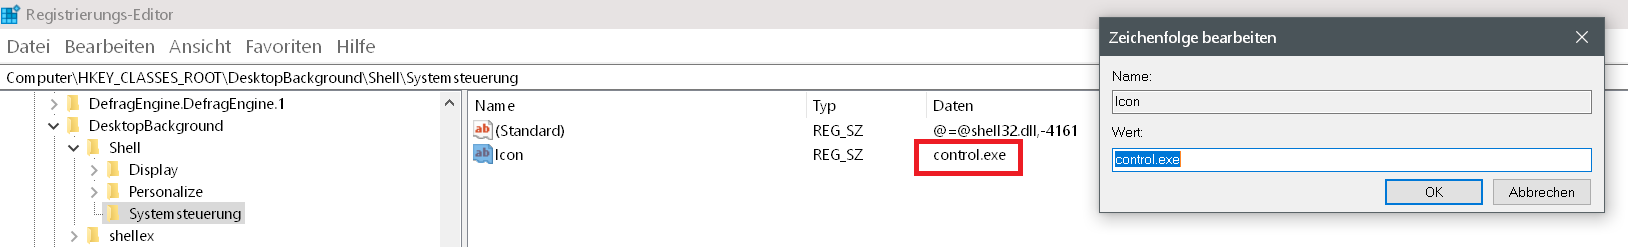 icon name - Windows 10 Systemsteuerung ins Kontextmenü hinzufügen